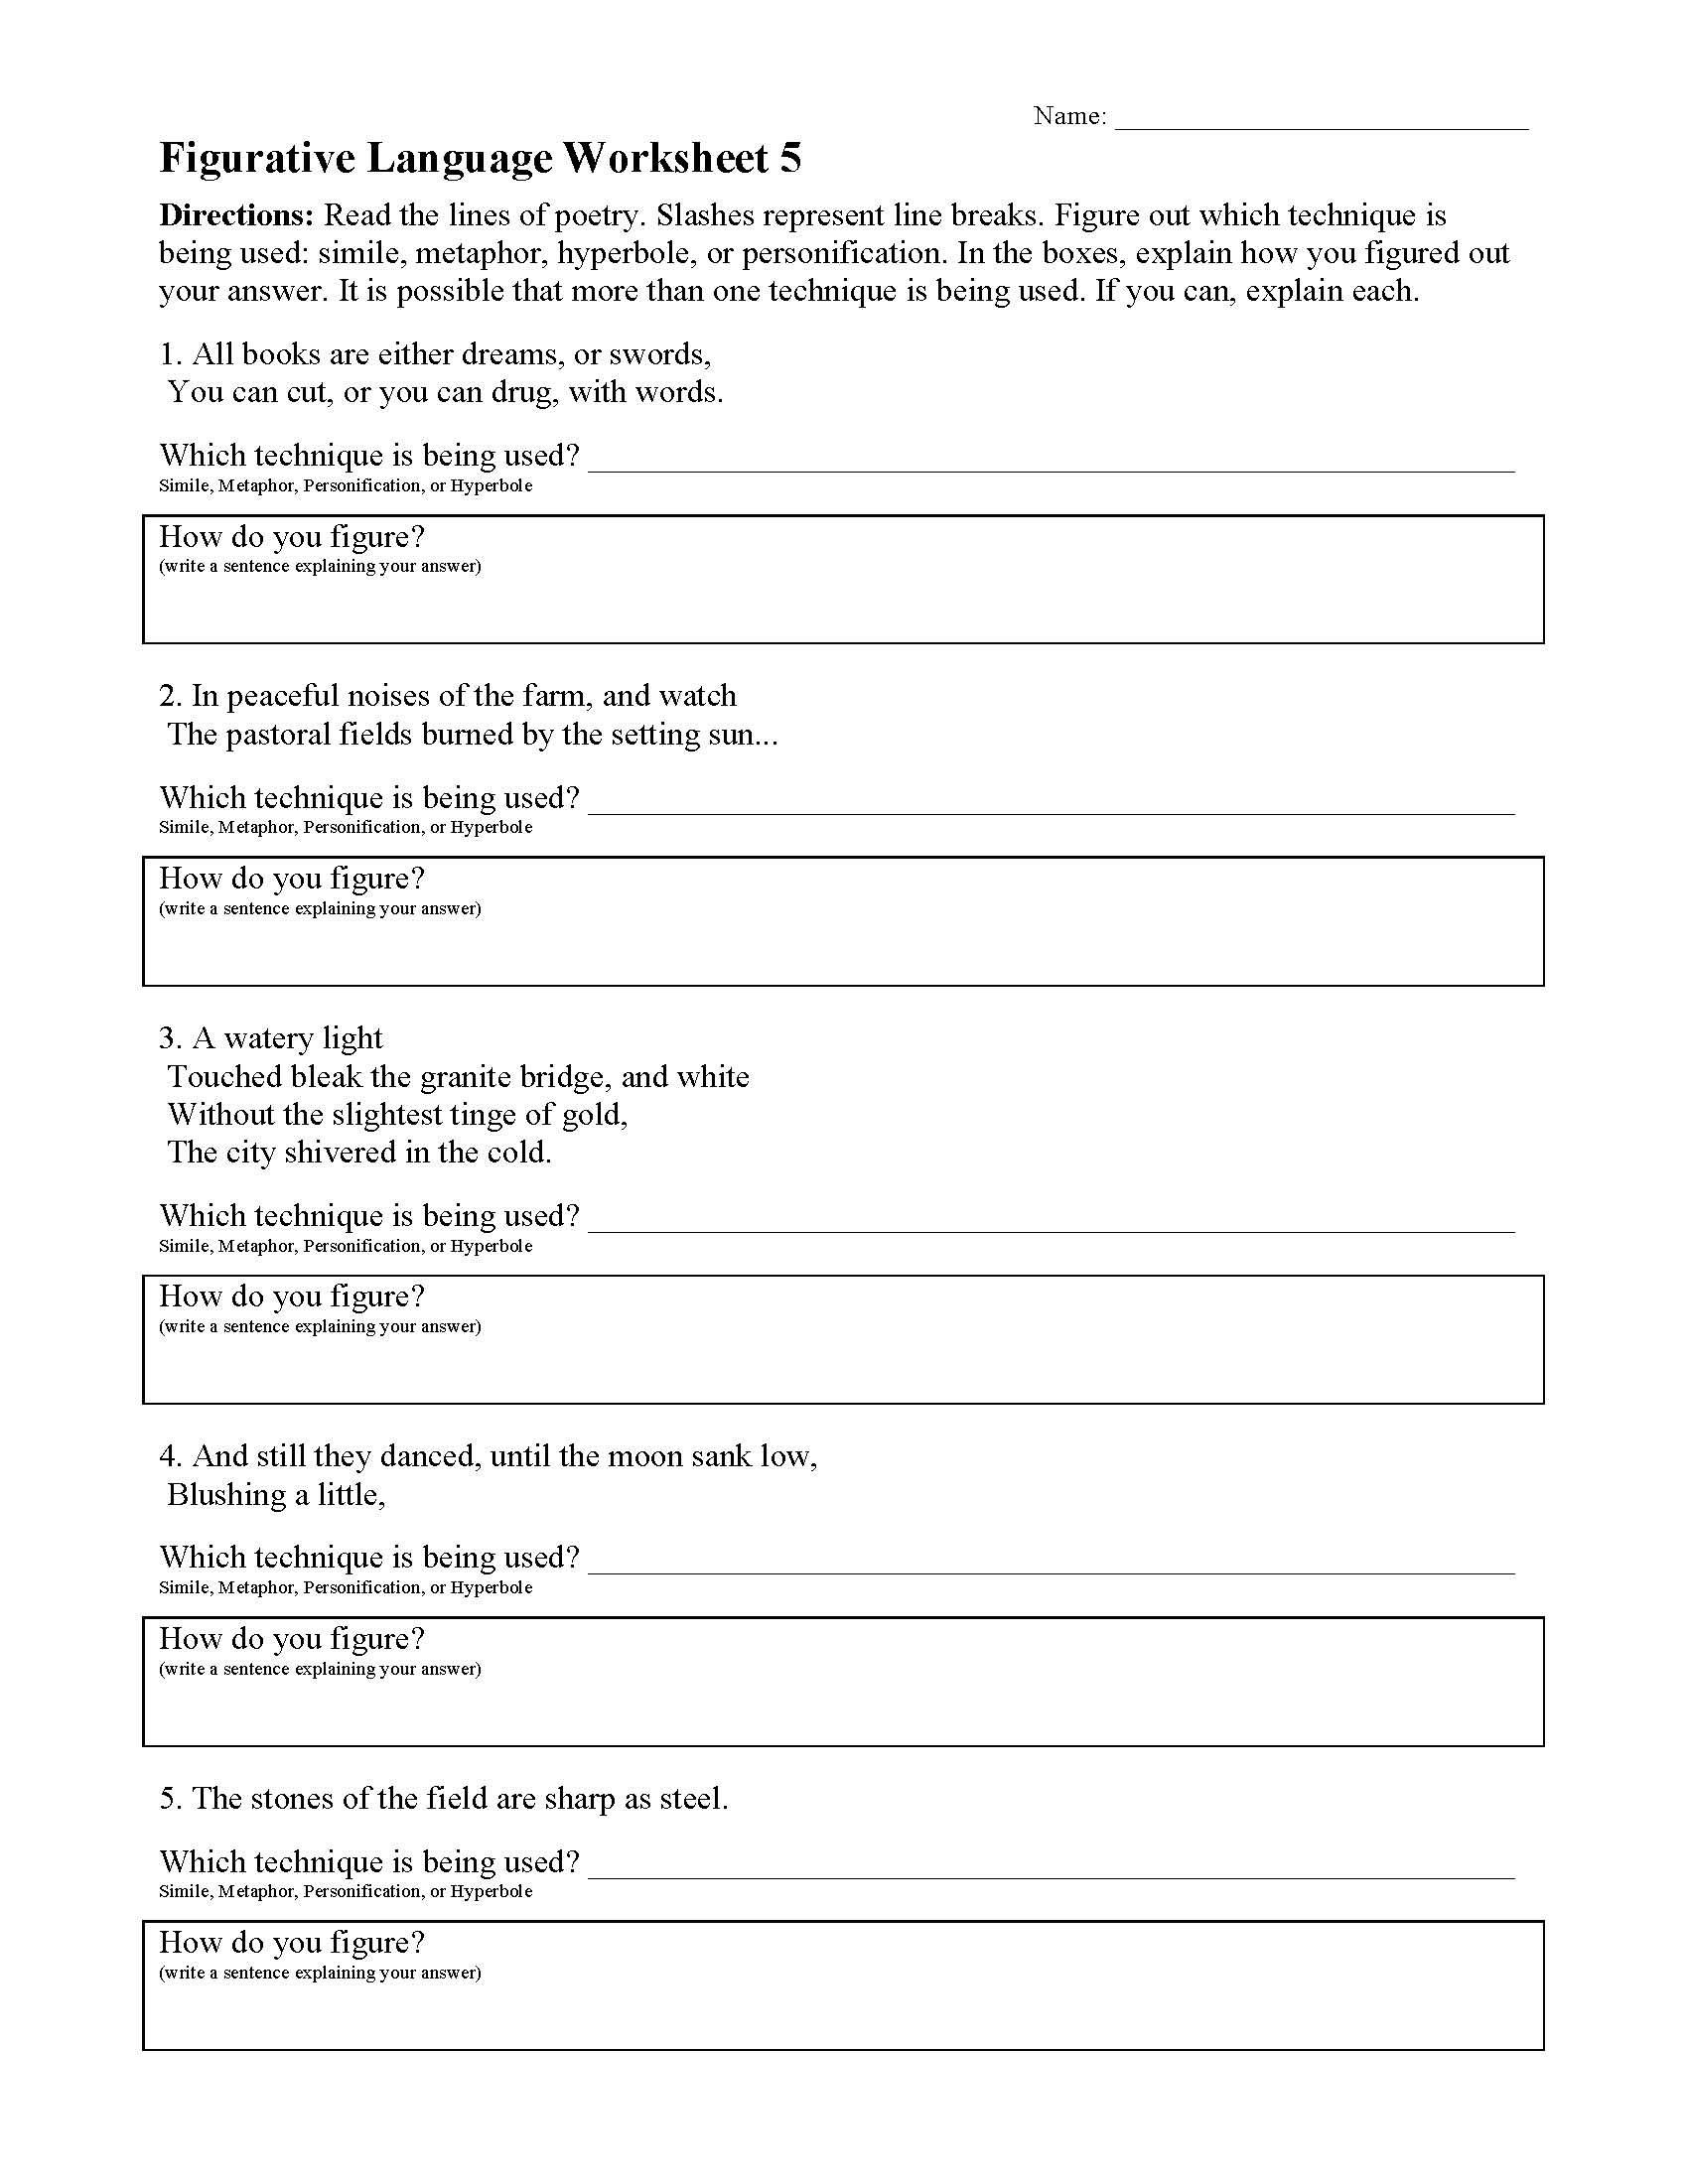 30 Figurative Language Worksheet 2 Answers